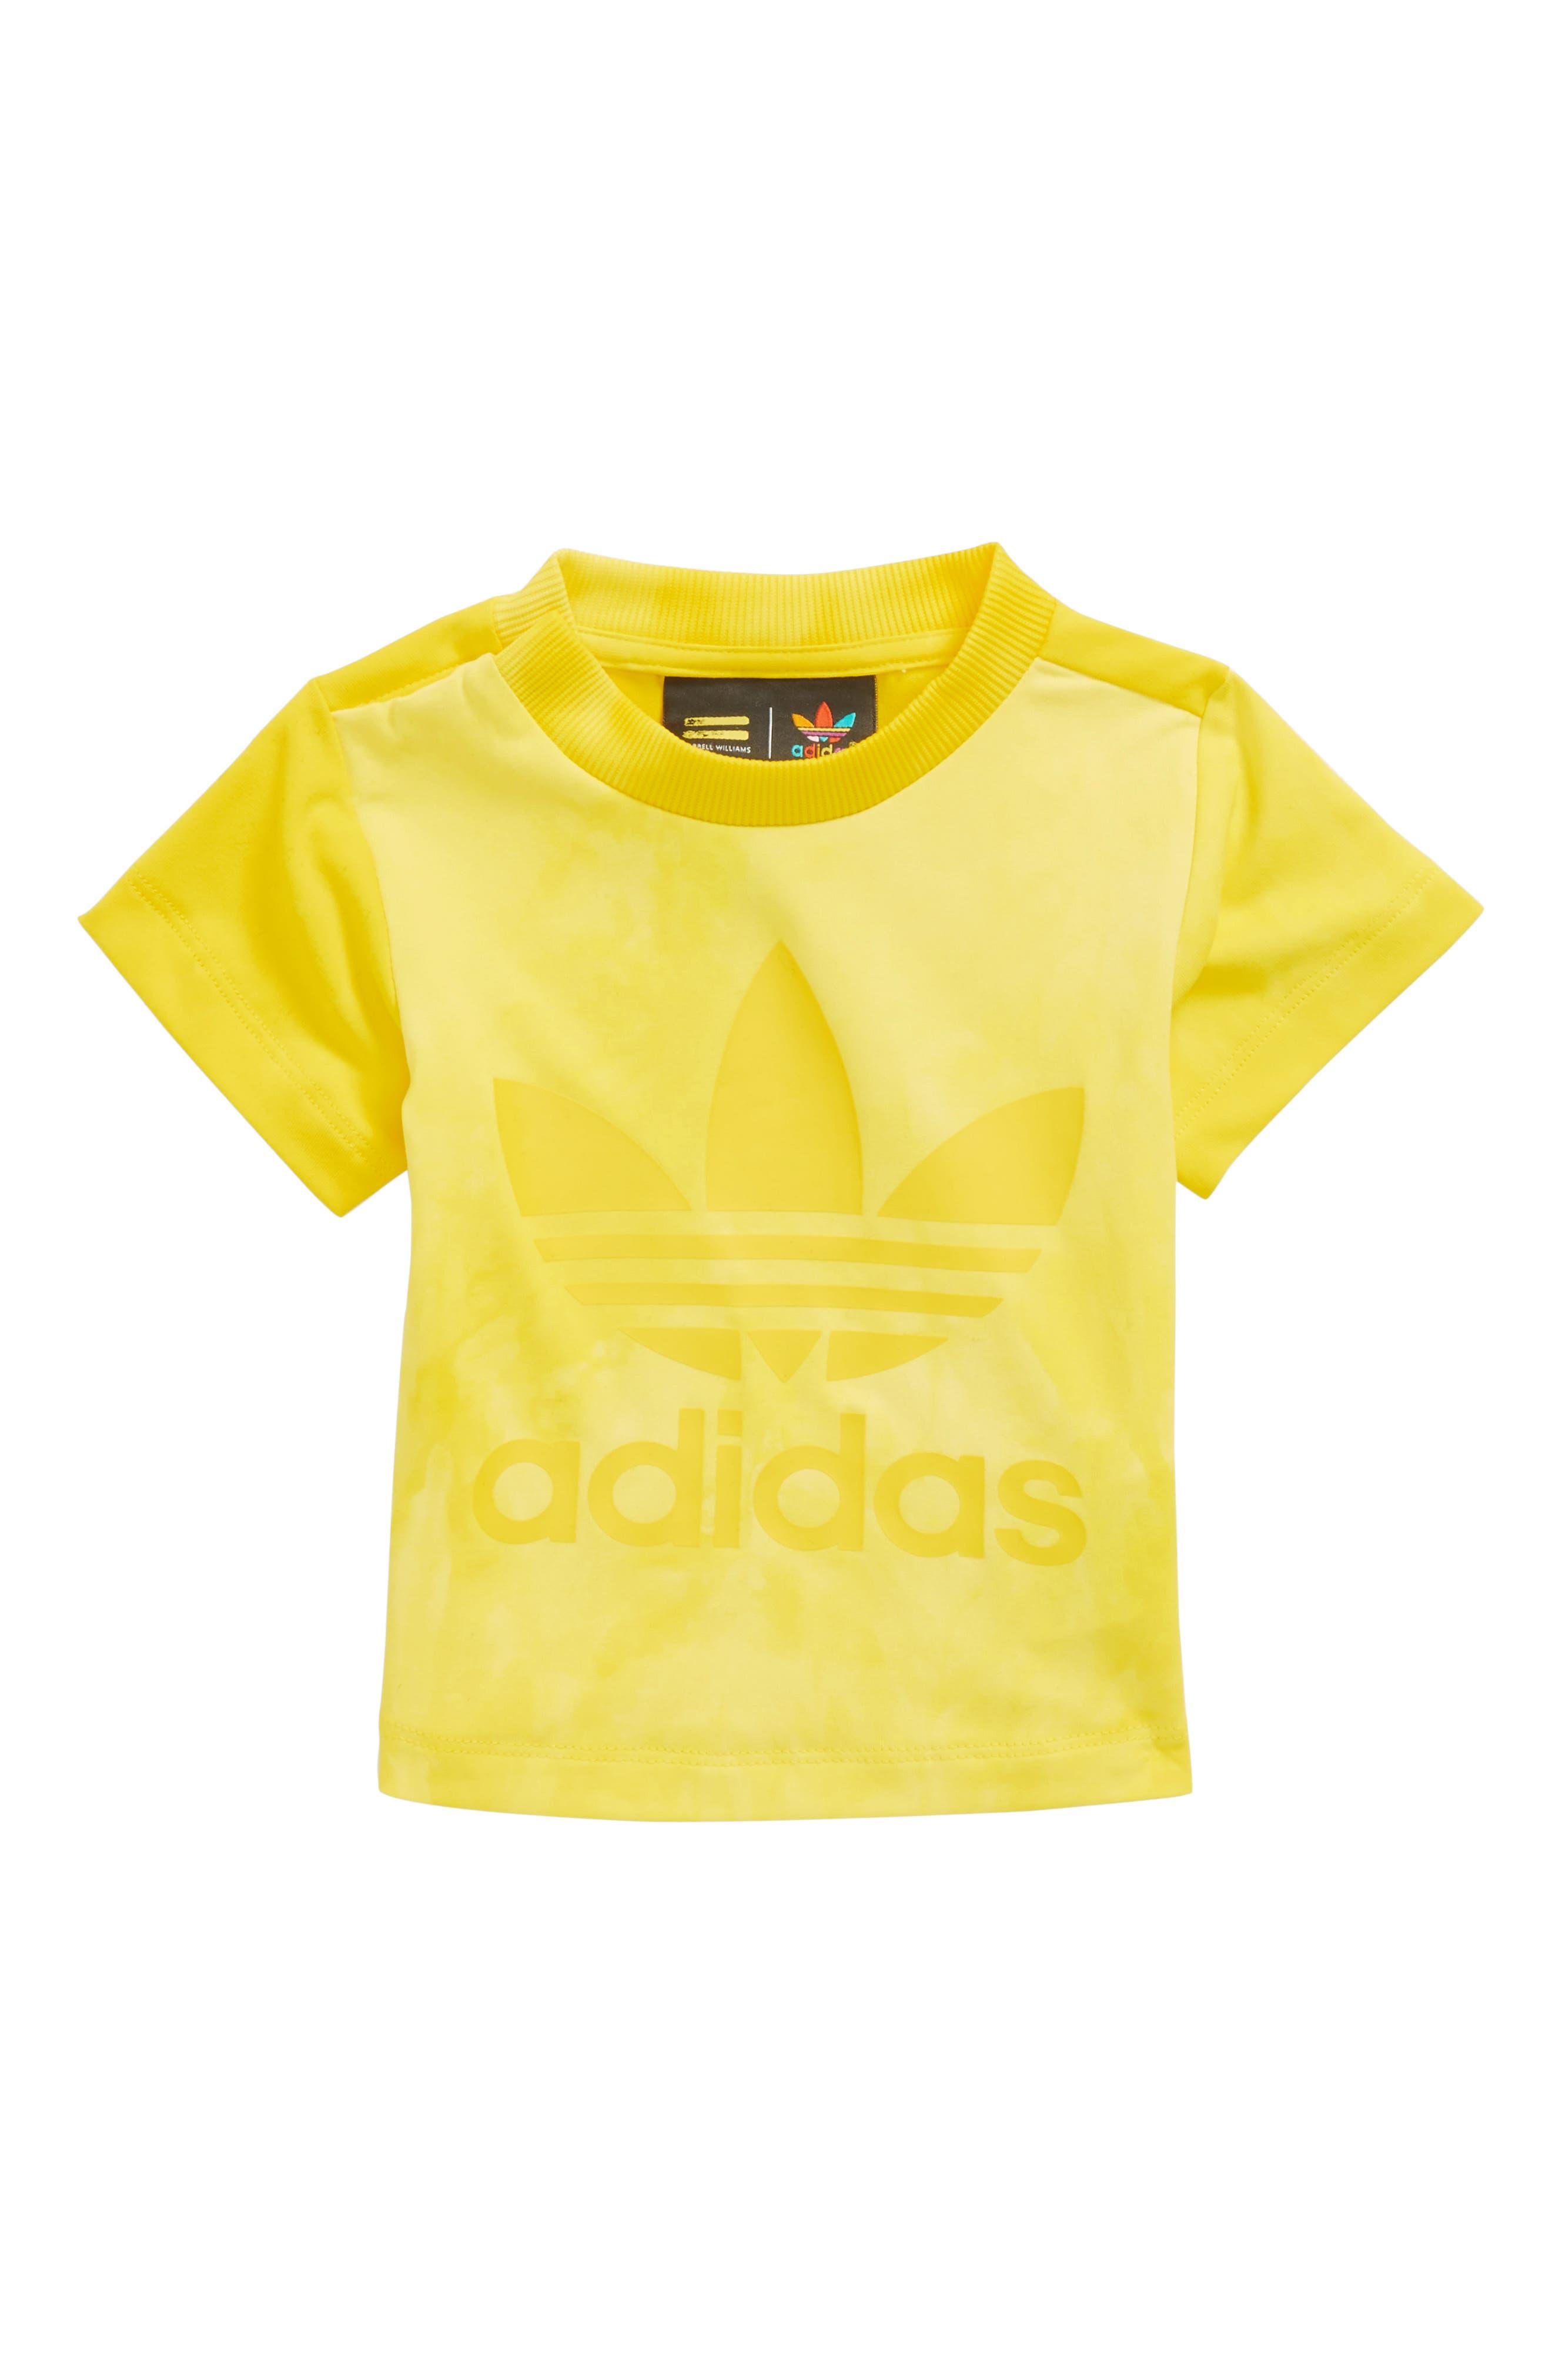 Hu Holi Tee,                         Main,                         color, Yellow / White